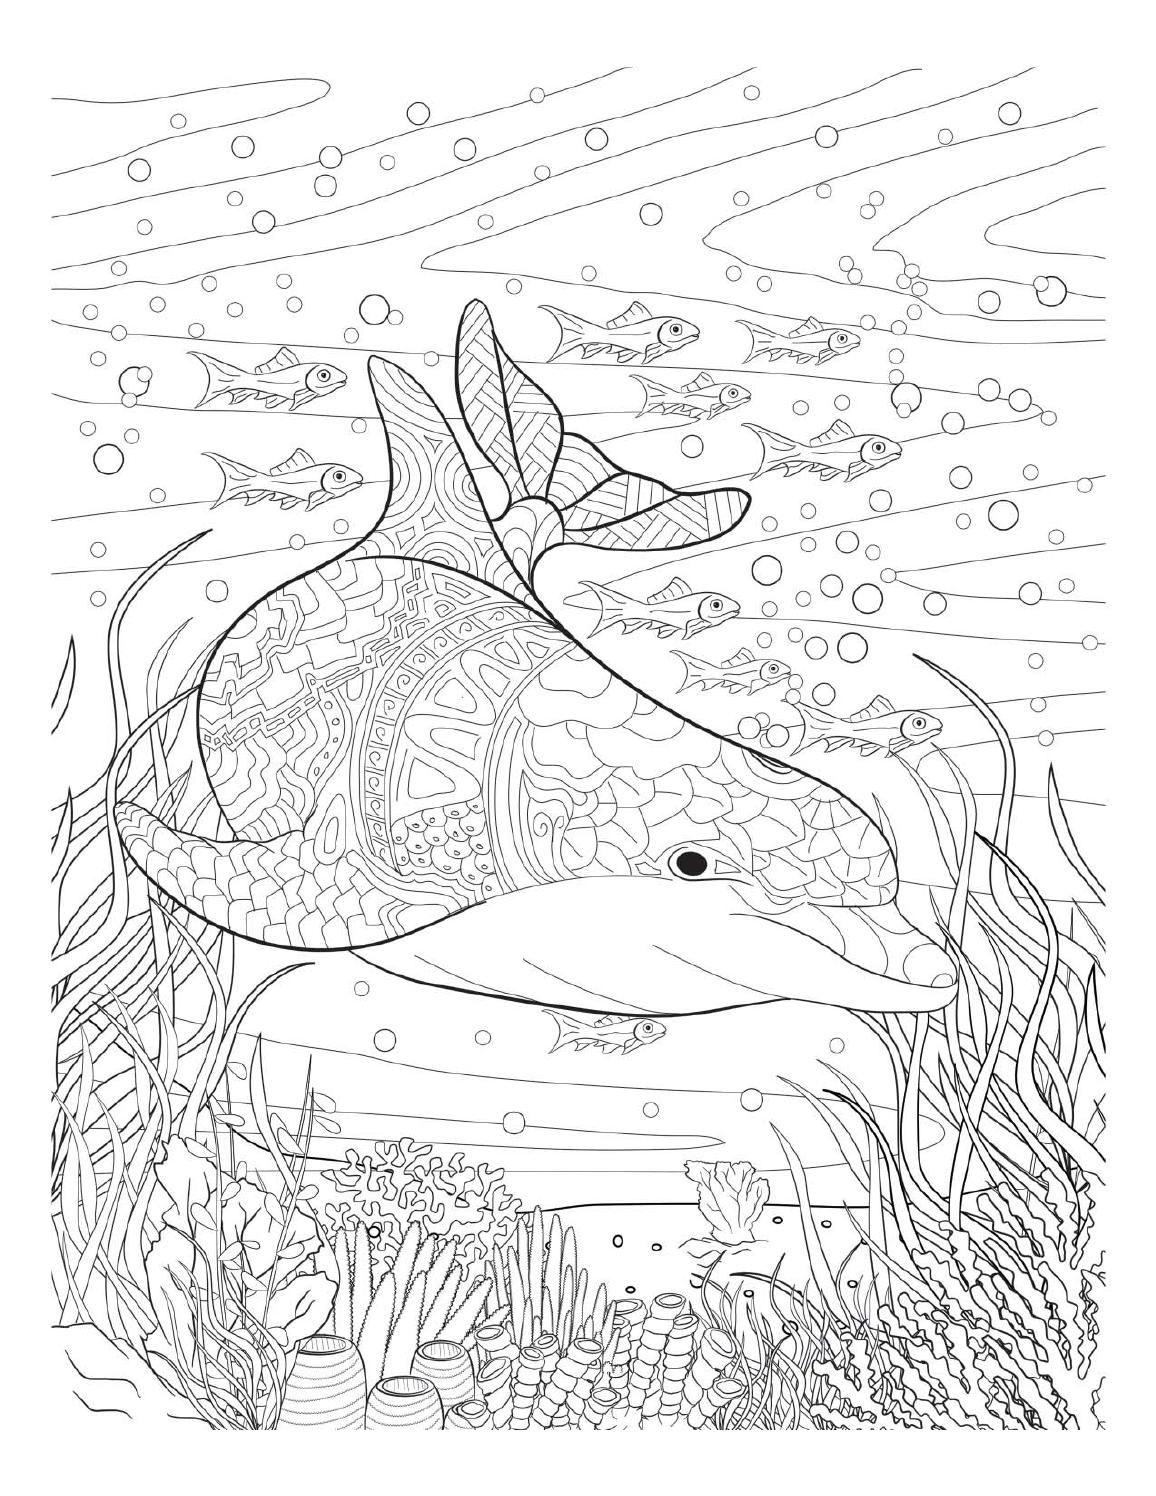 ausmalbilder erwachsene unterwasser  amorphi